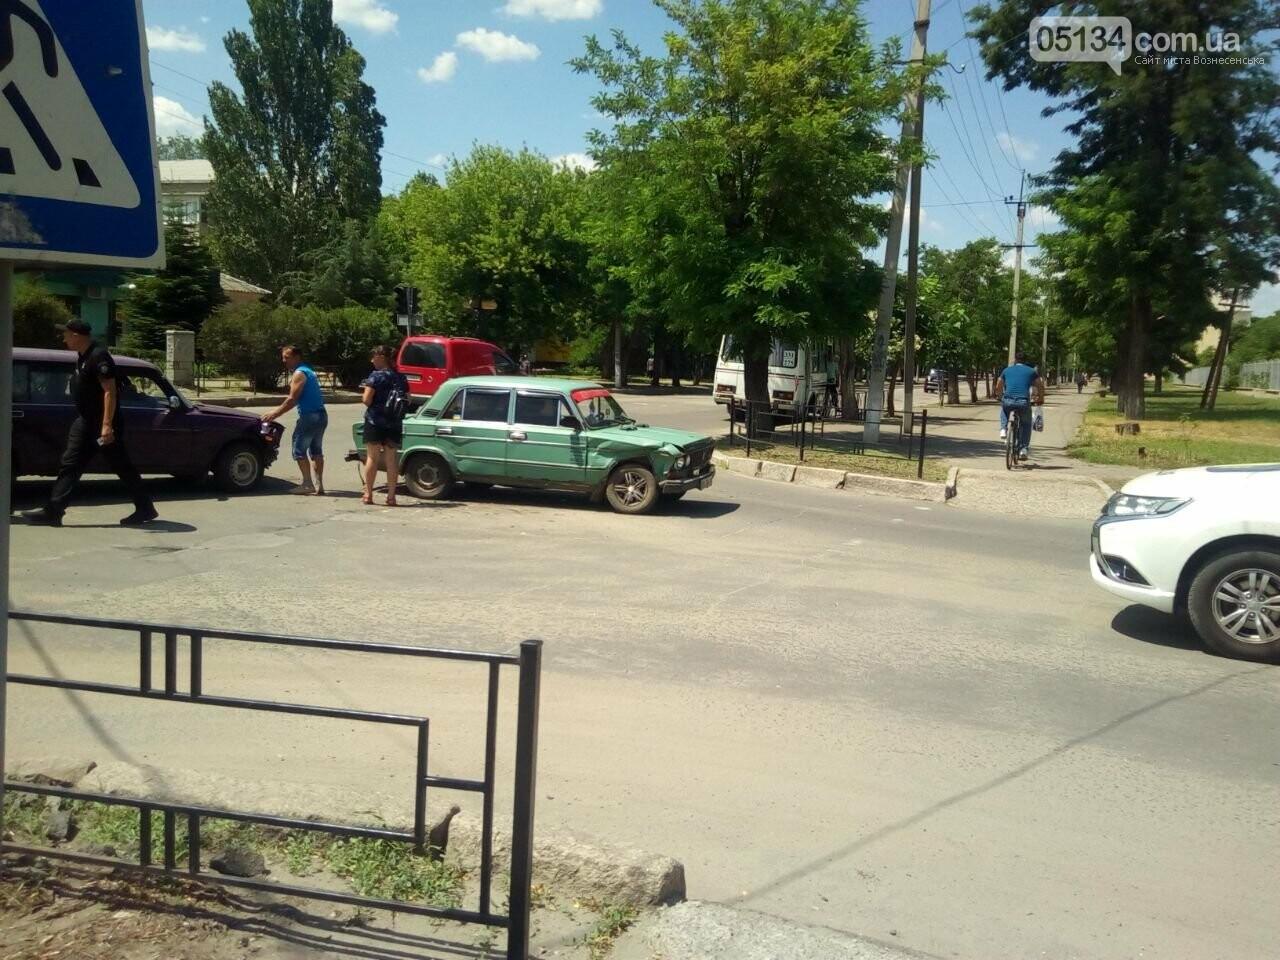 ДТП в центрі Вознесенська - водії не поділили перехрестя, - ФОТО, фото-2